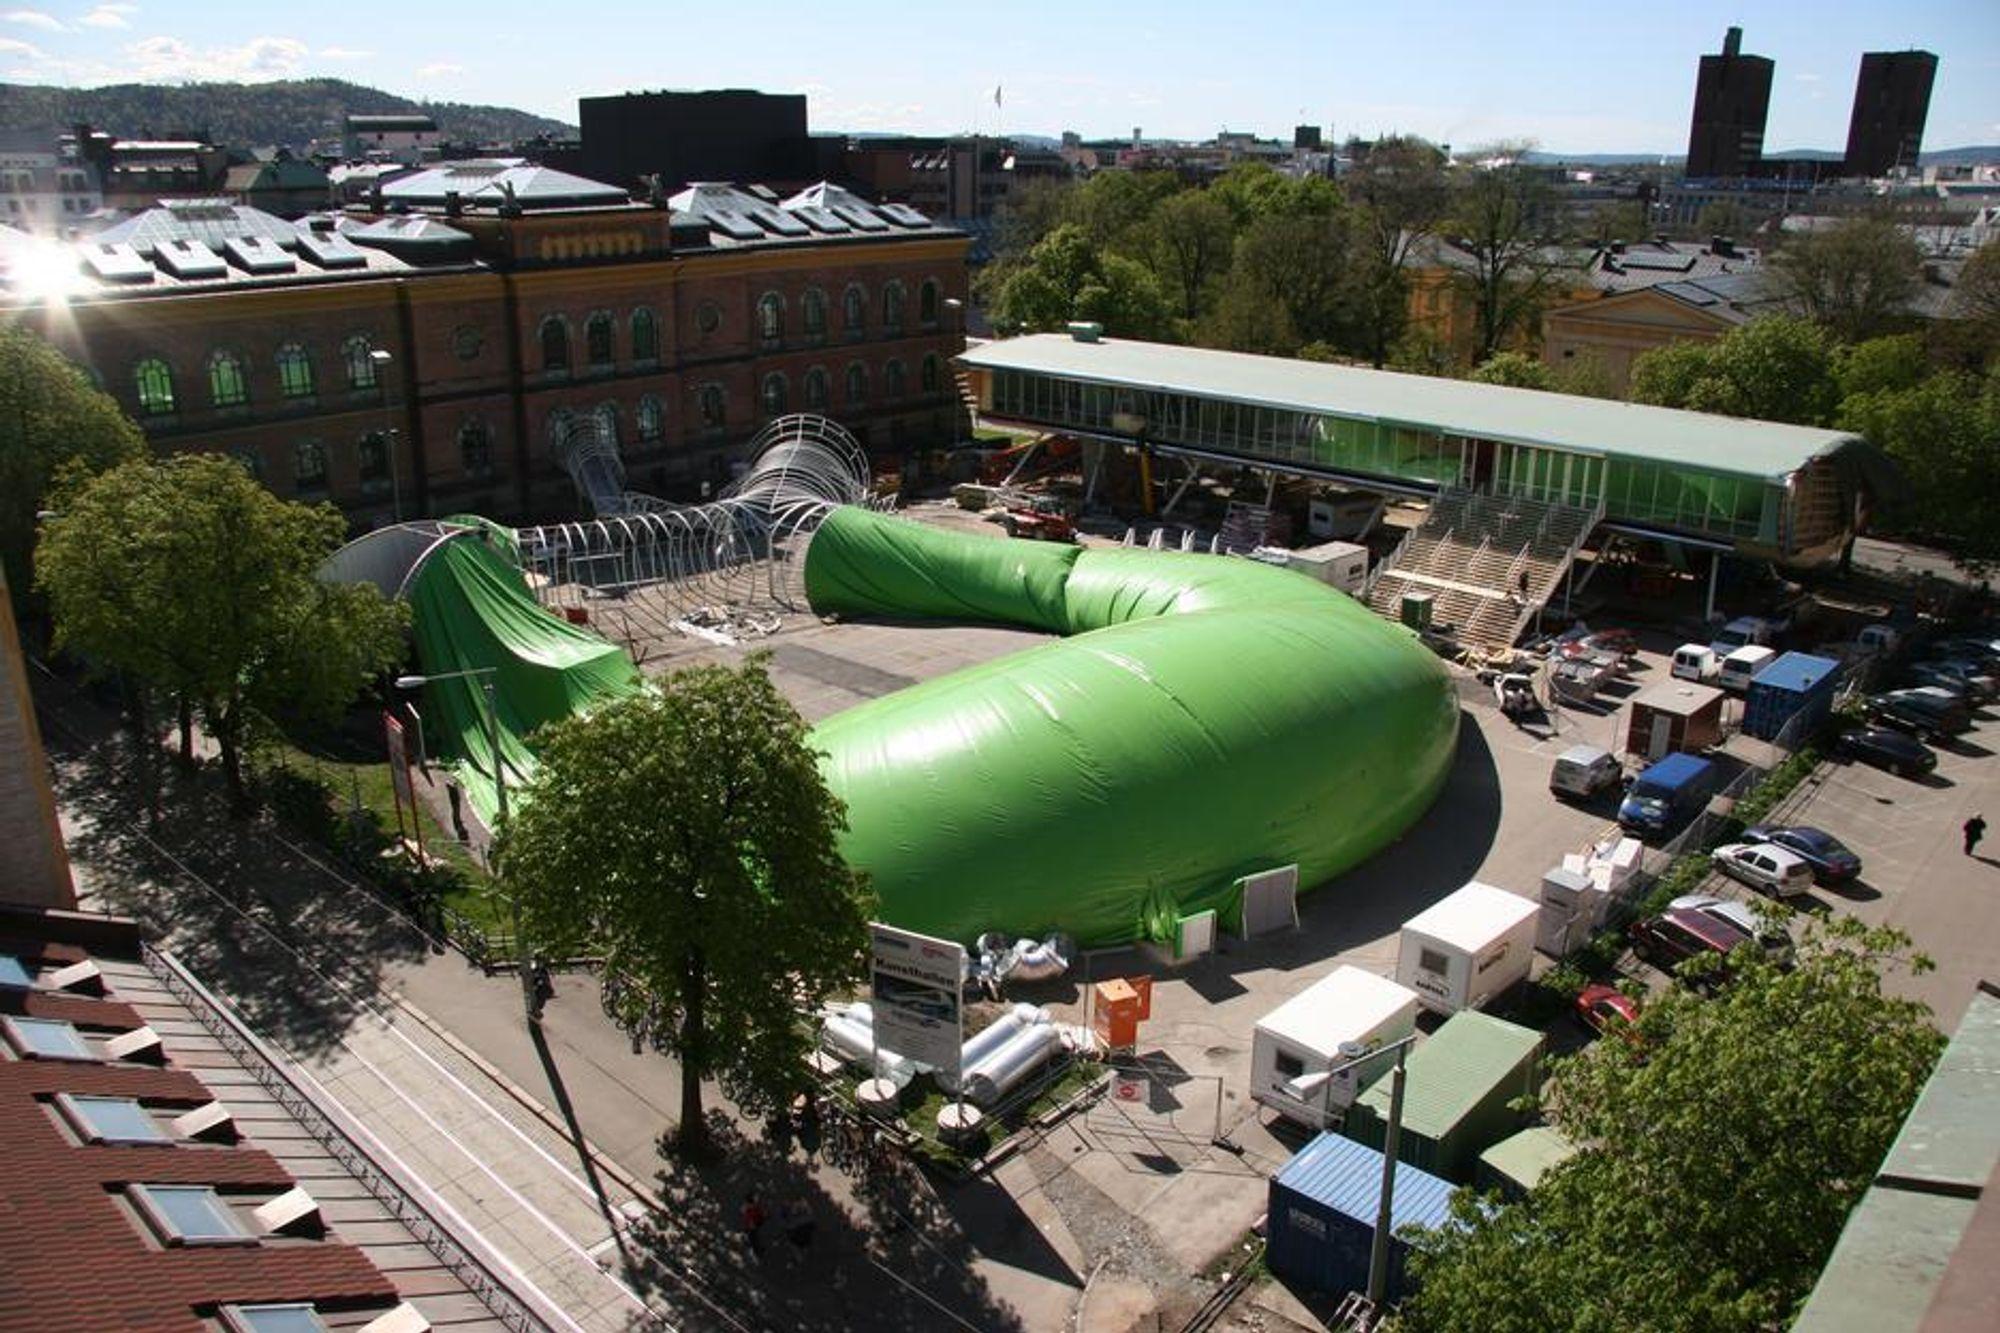 Felix Müller prises for sitt arbeid med duk som byggemateriale, blant annet til Frosken-utstillingen i Oslo sommeren 2005.